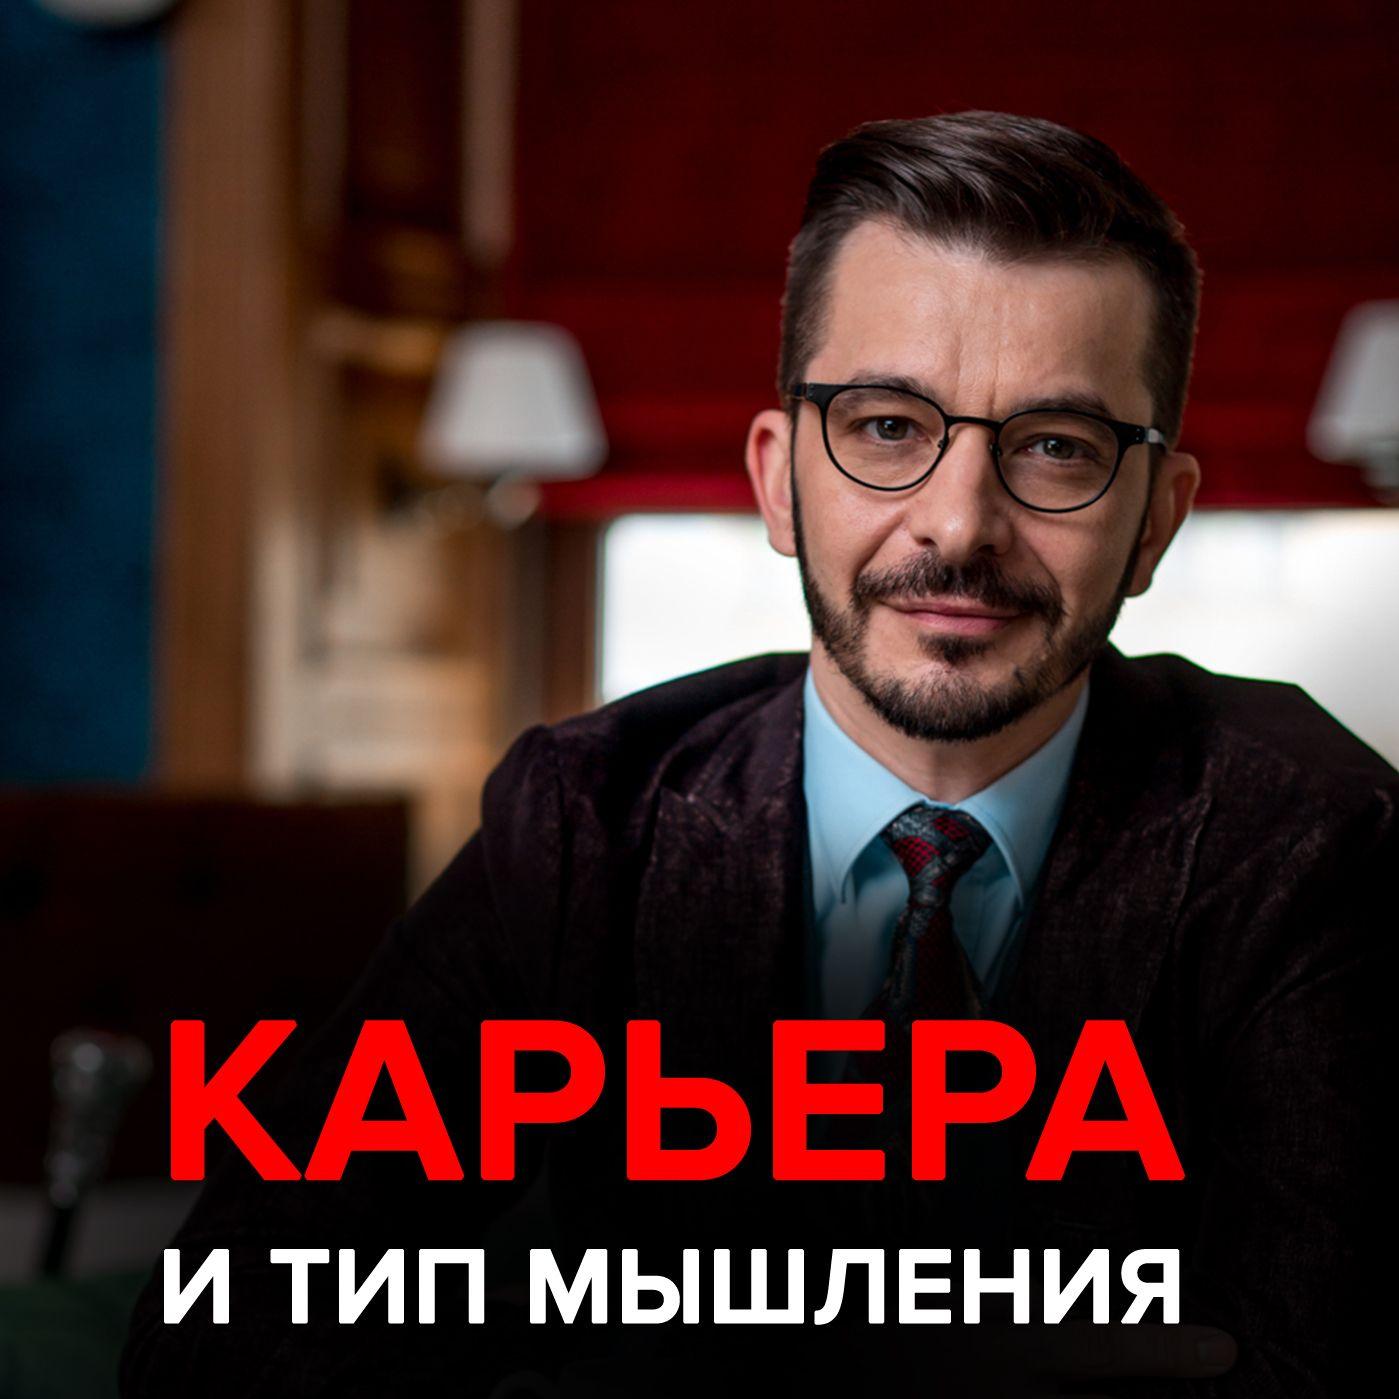 Купить книгу 3 стратегии карьеры: бизнесмены, интеллектуалы и творцы, автора Андрея Курпатова